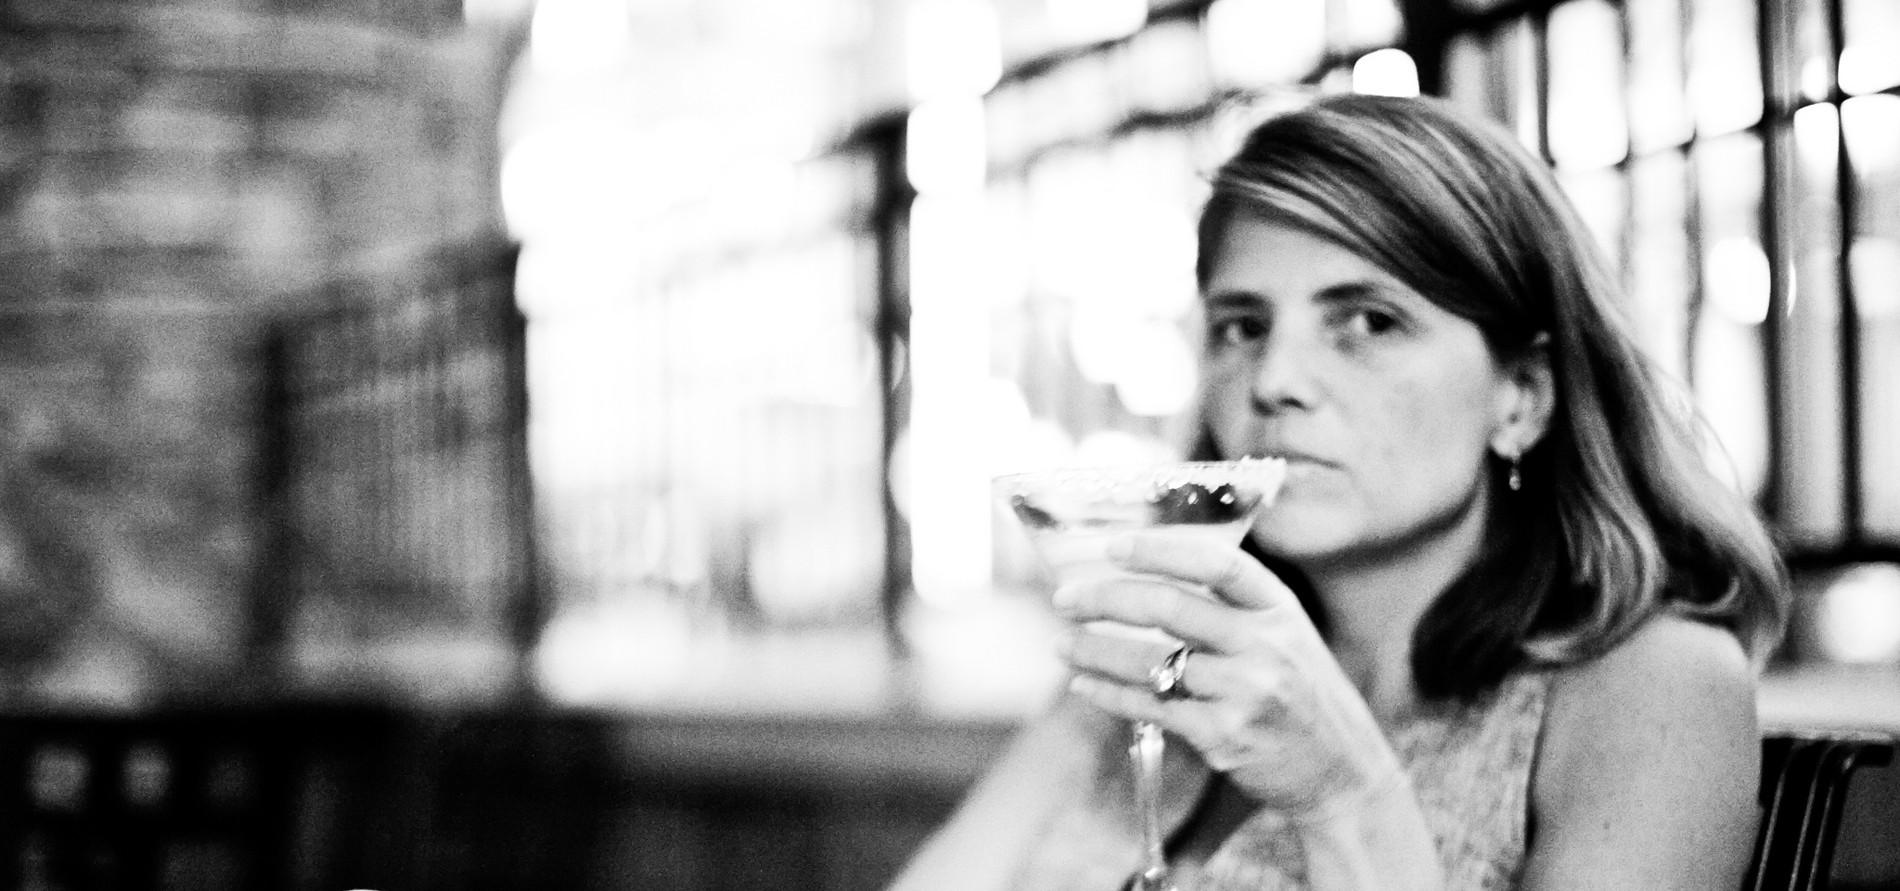 women-drinking-like-dudes-12